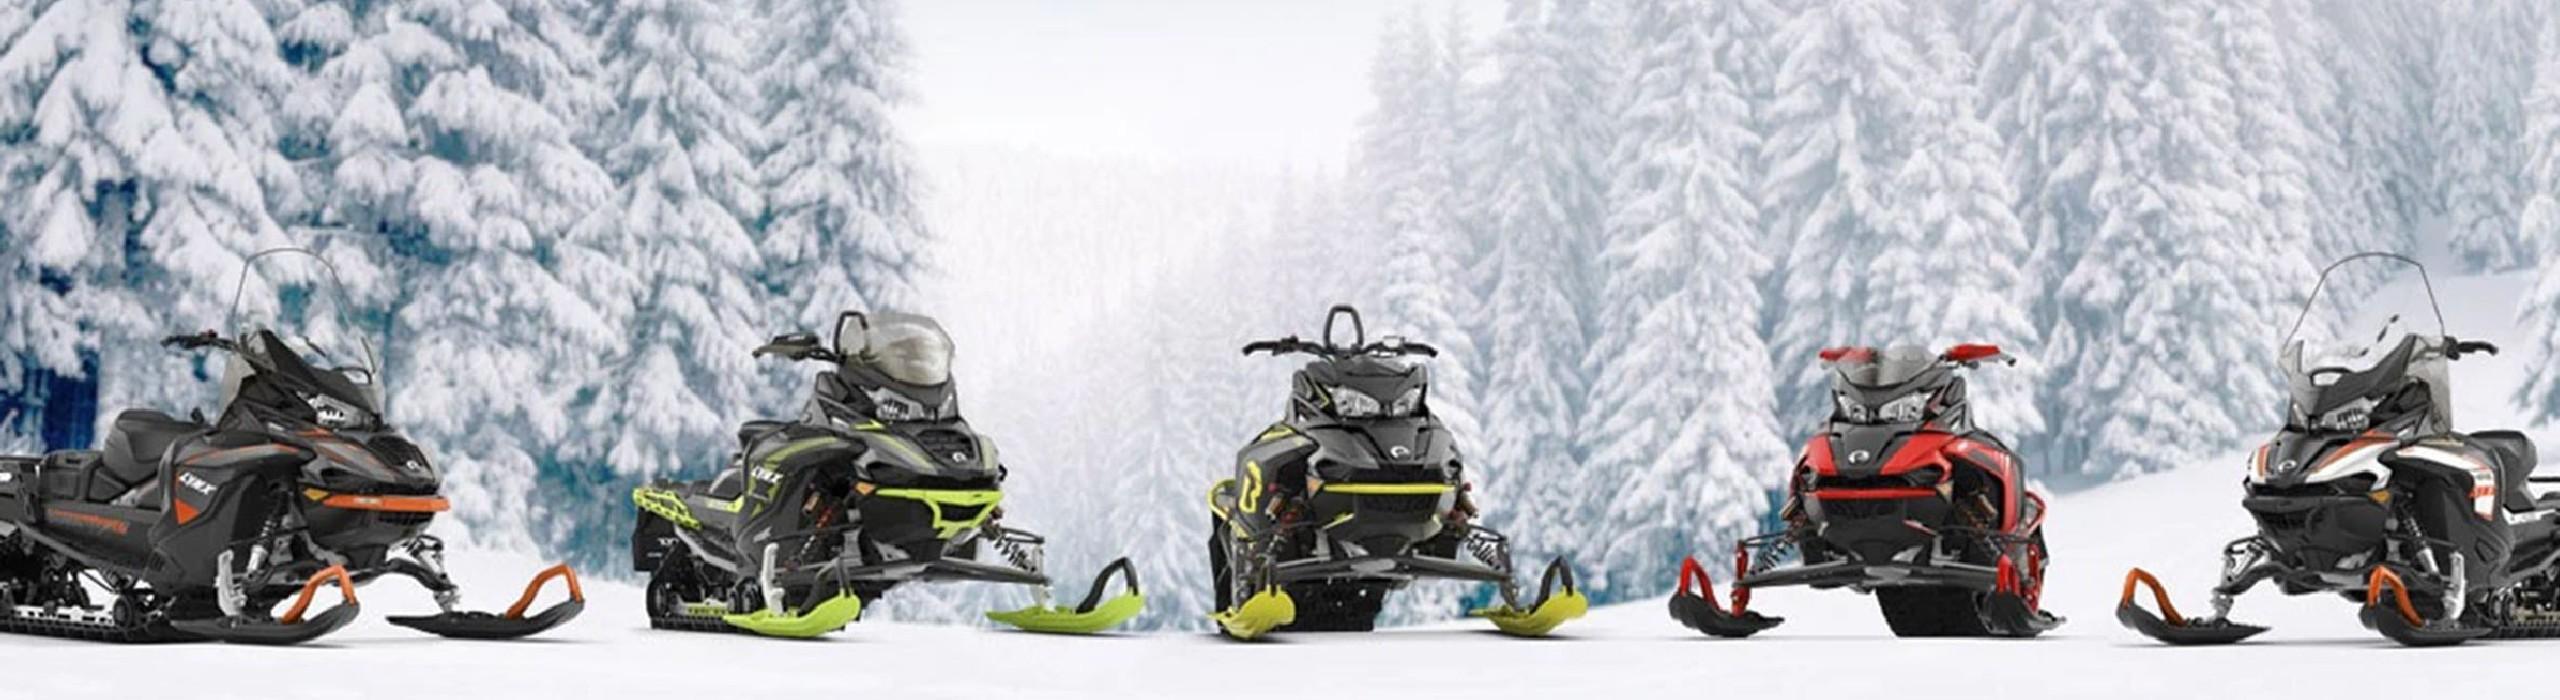 Motoneiges BRP Lynx et Ski-Doo - Sas Chossade Busato Motoneiges et Quads - L'unique distributeur en France de BRP pour les marques Lynx et Ski-Doo